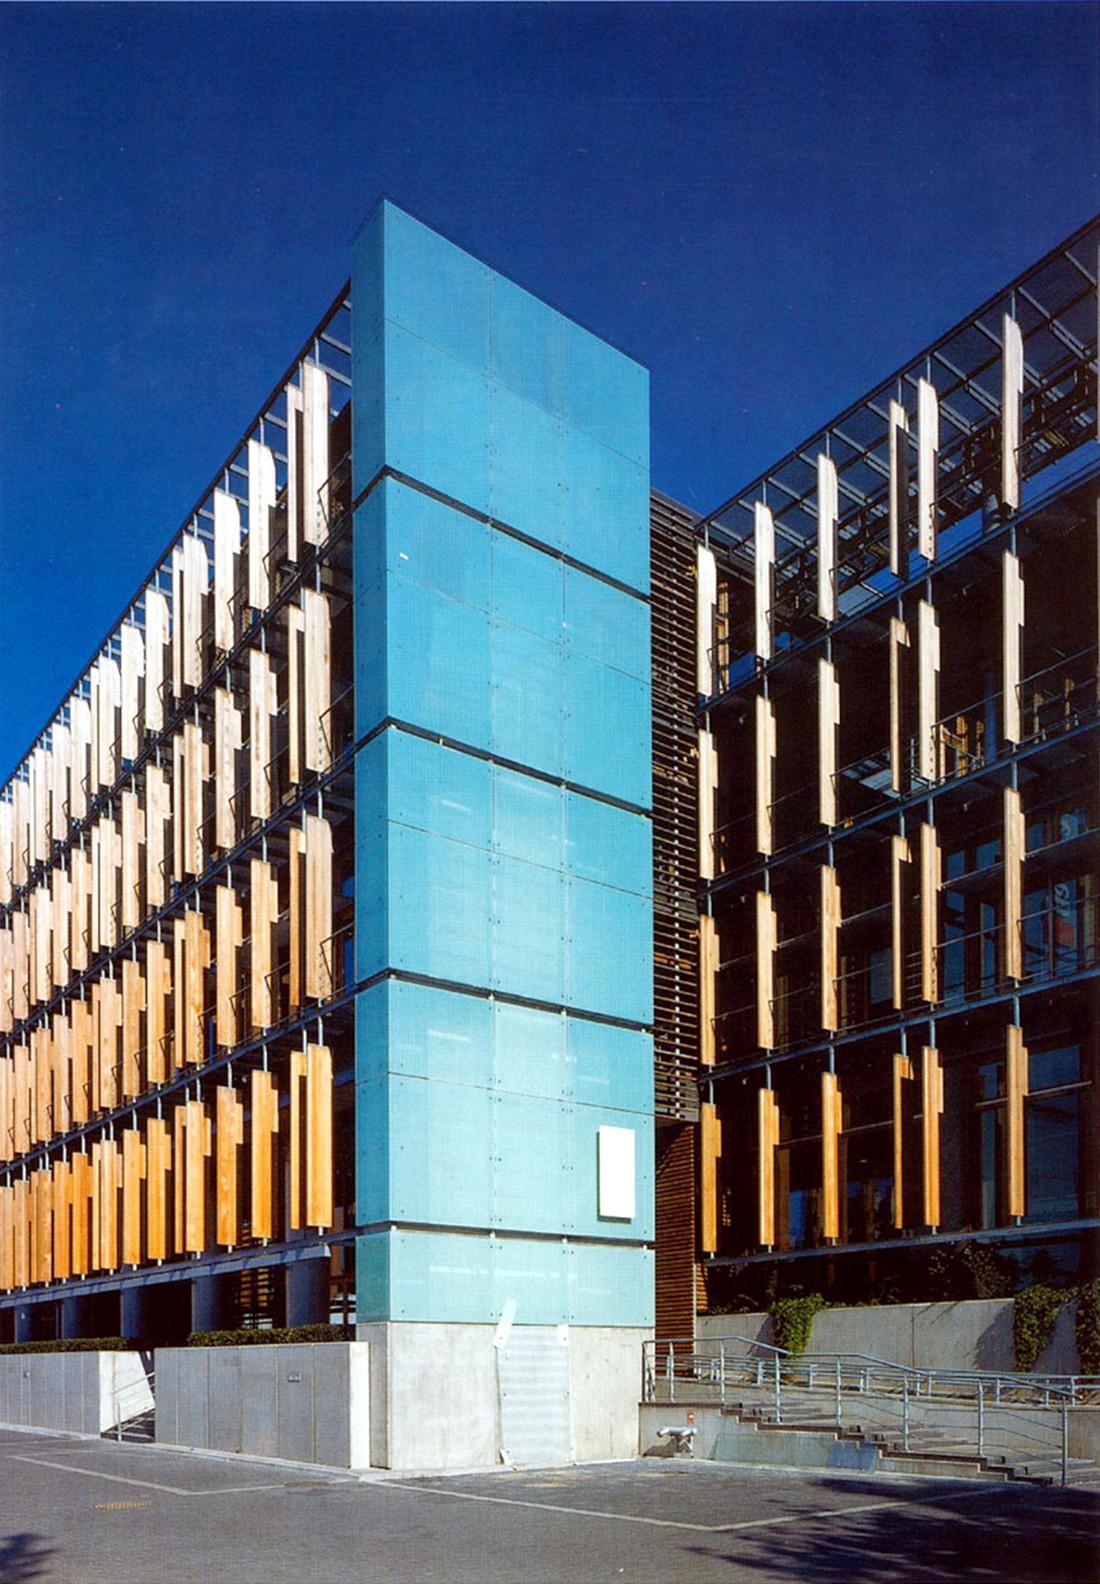 Budynek produkcyjno-administracyjny firmy Pfaffenhain PL w Krakowie-Czyżynach